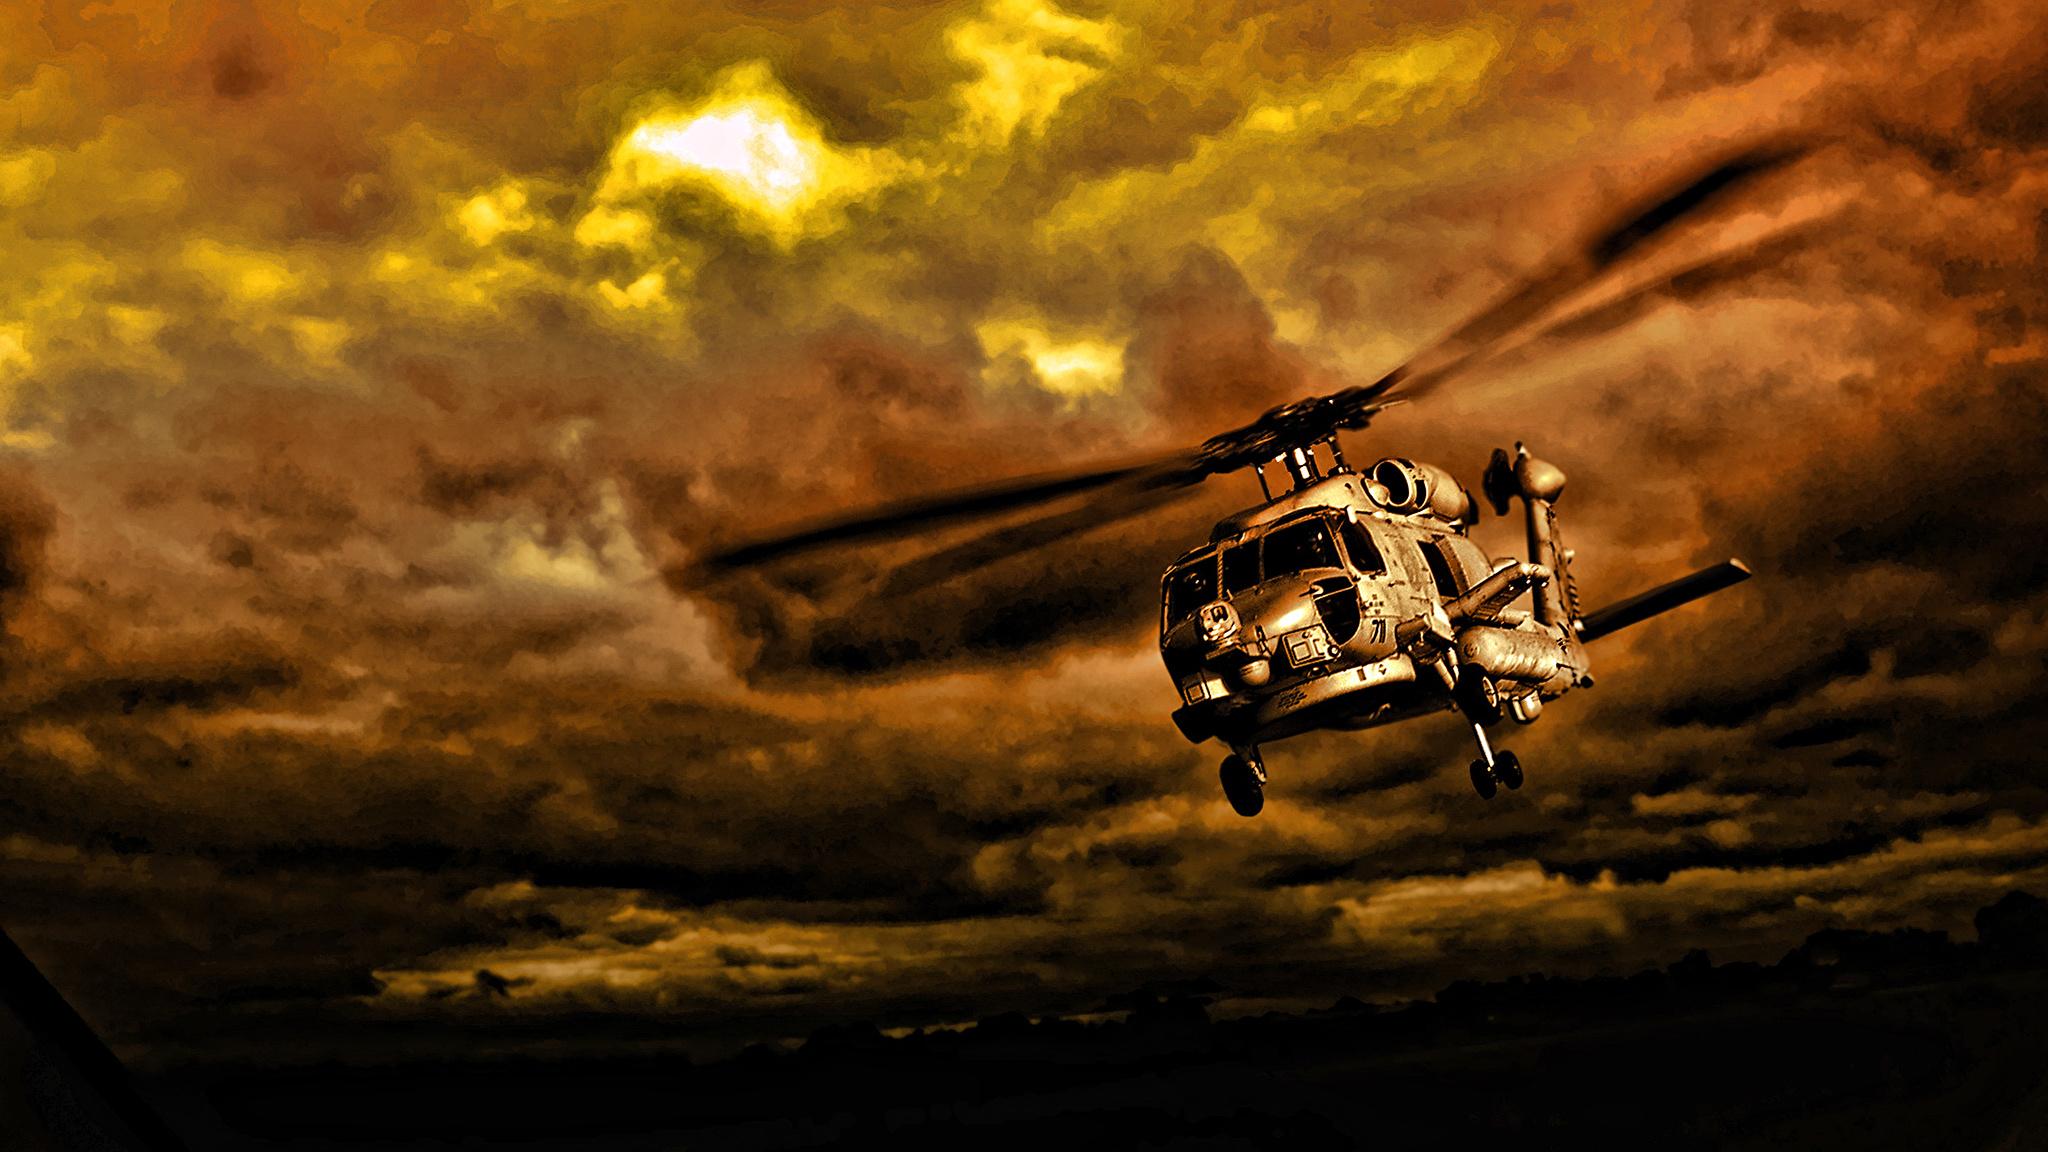 вертолет под звездным небом бесплатно